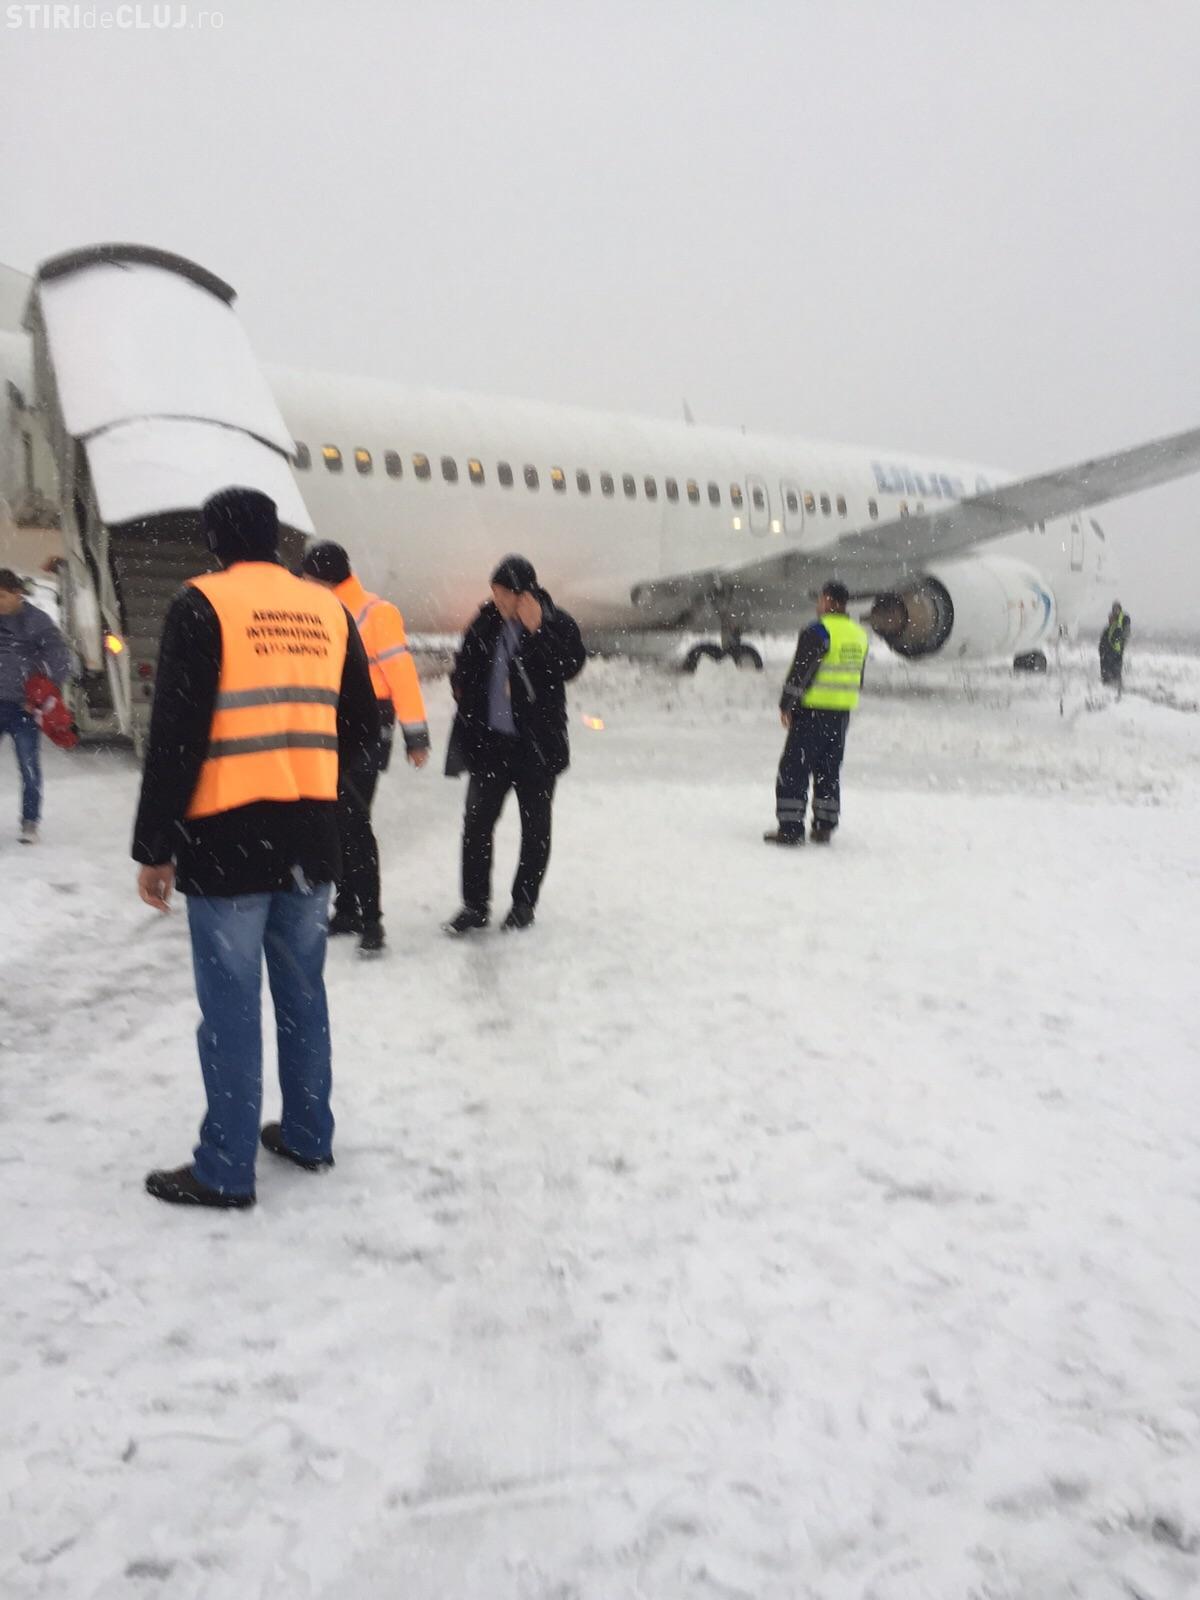 EXCLUSIV! Imagini din avionul Blue Air care a ratat aterizarea la Cluj VIDEO